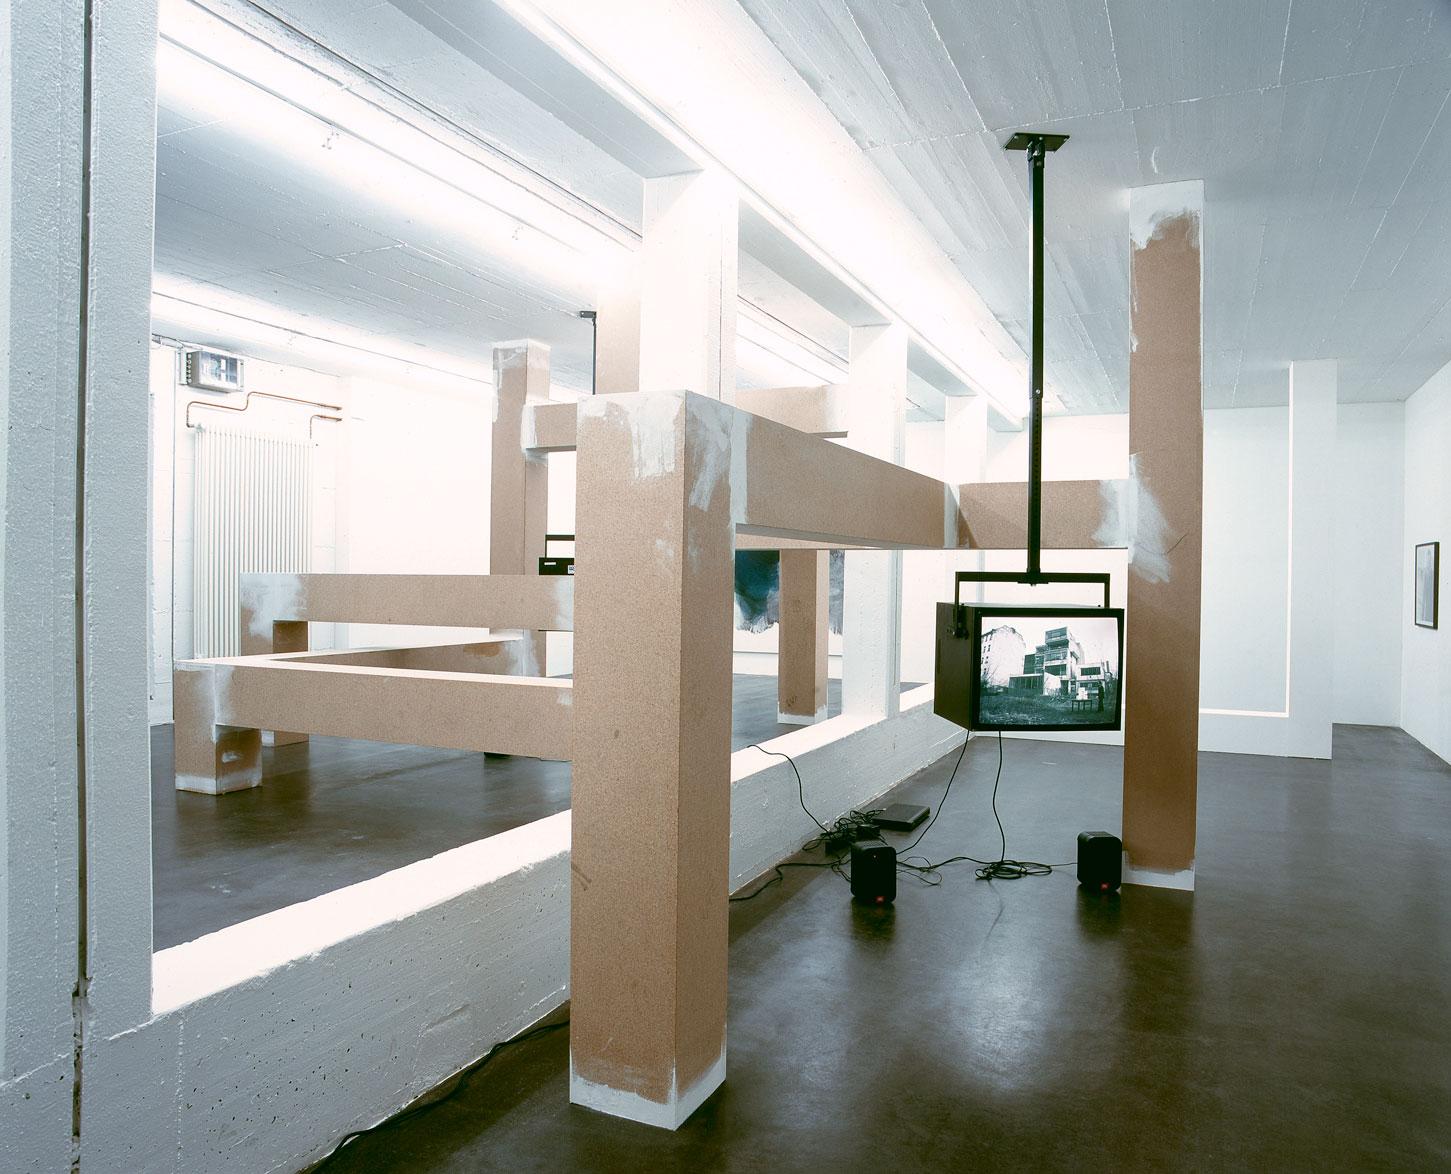 Les Schliesser – »SchluckaufModerne«, Installationsansicht, Galerie Mirko Mayer, Köln 2007